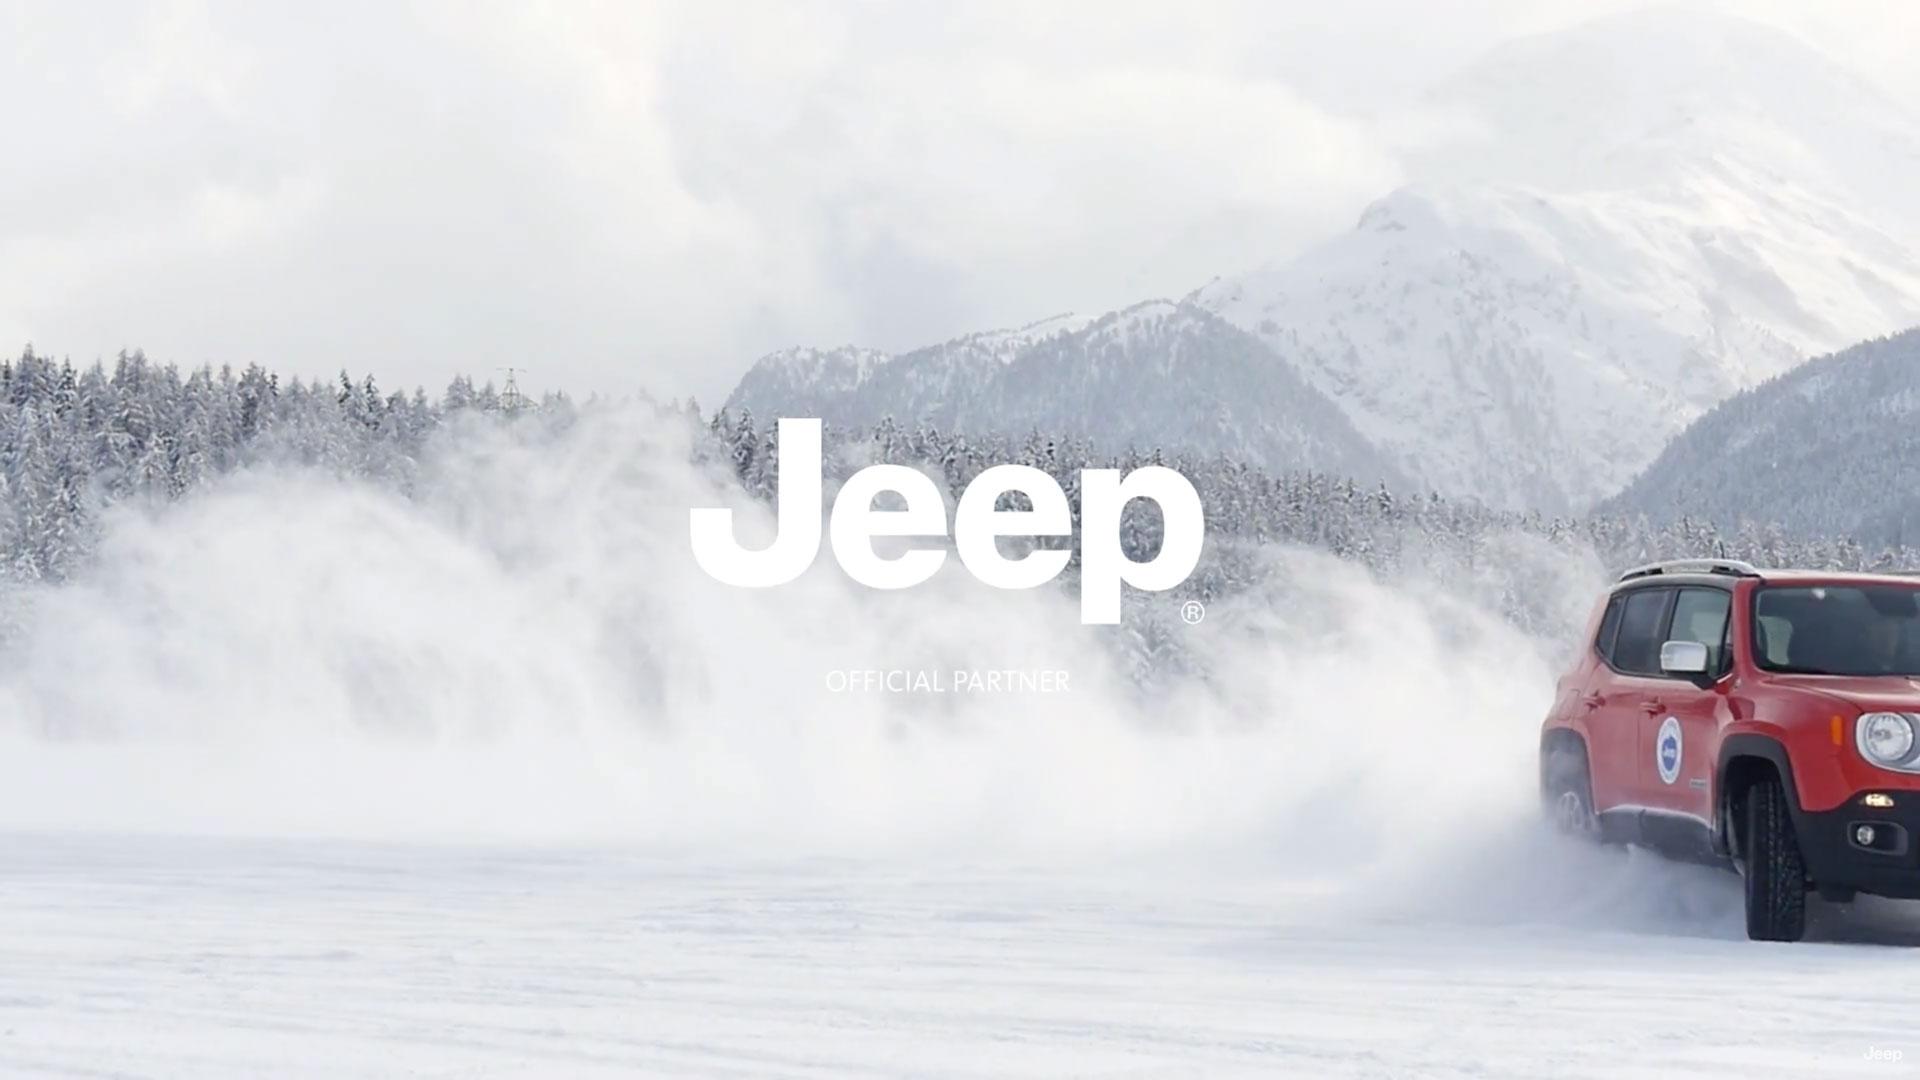 Jeep_SIHC